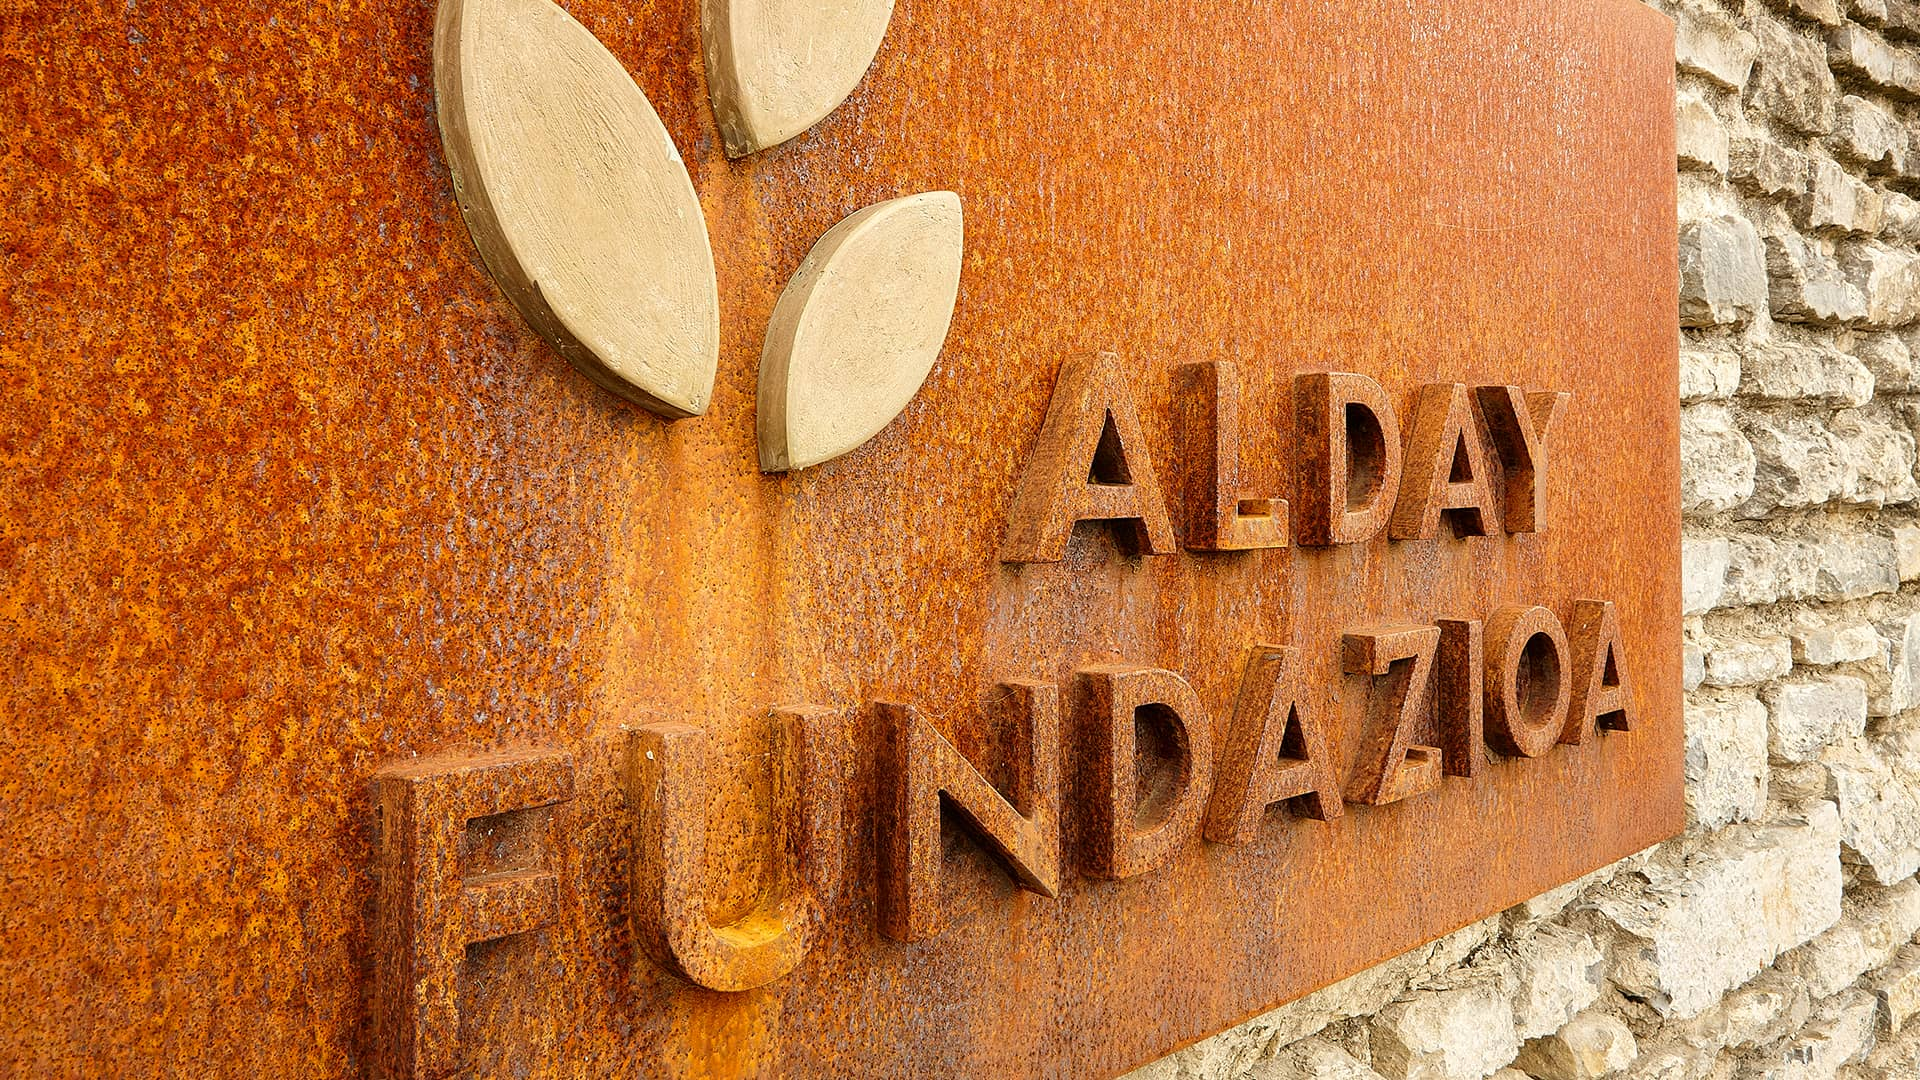 fundacion alday